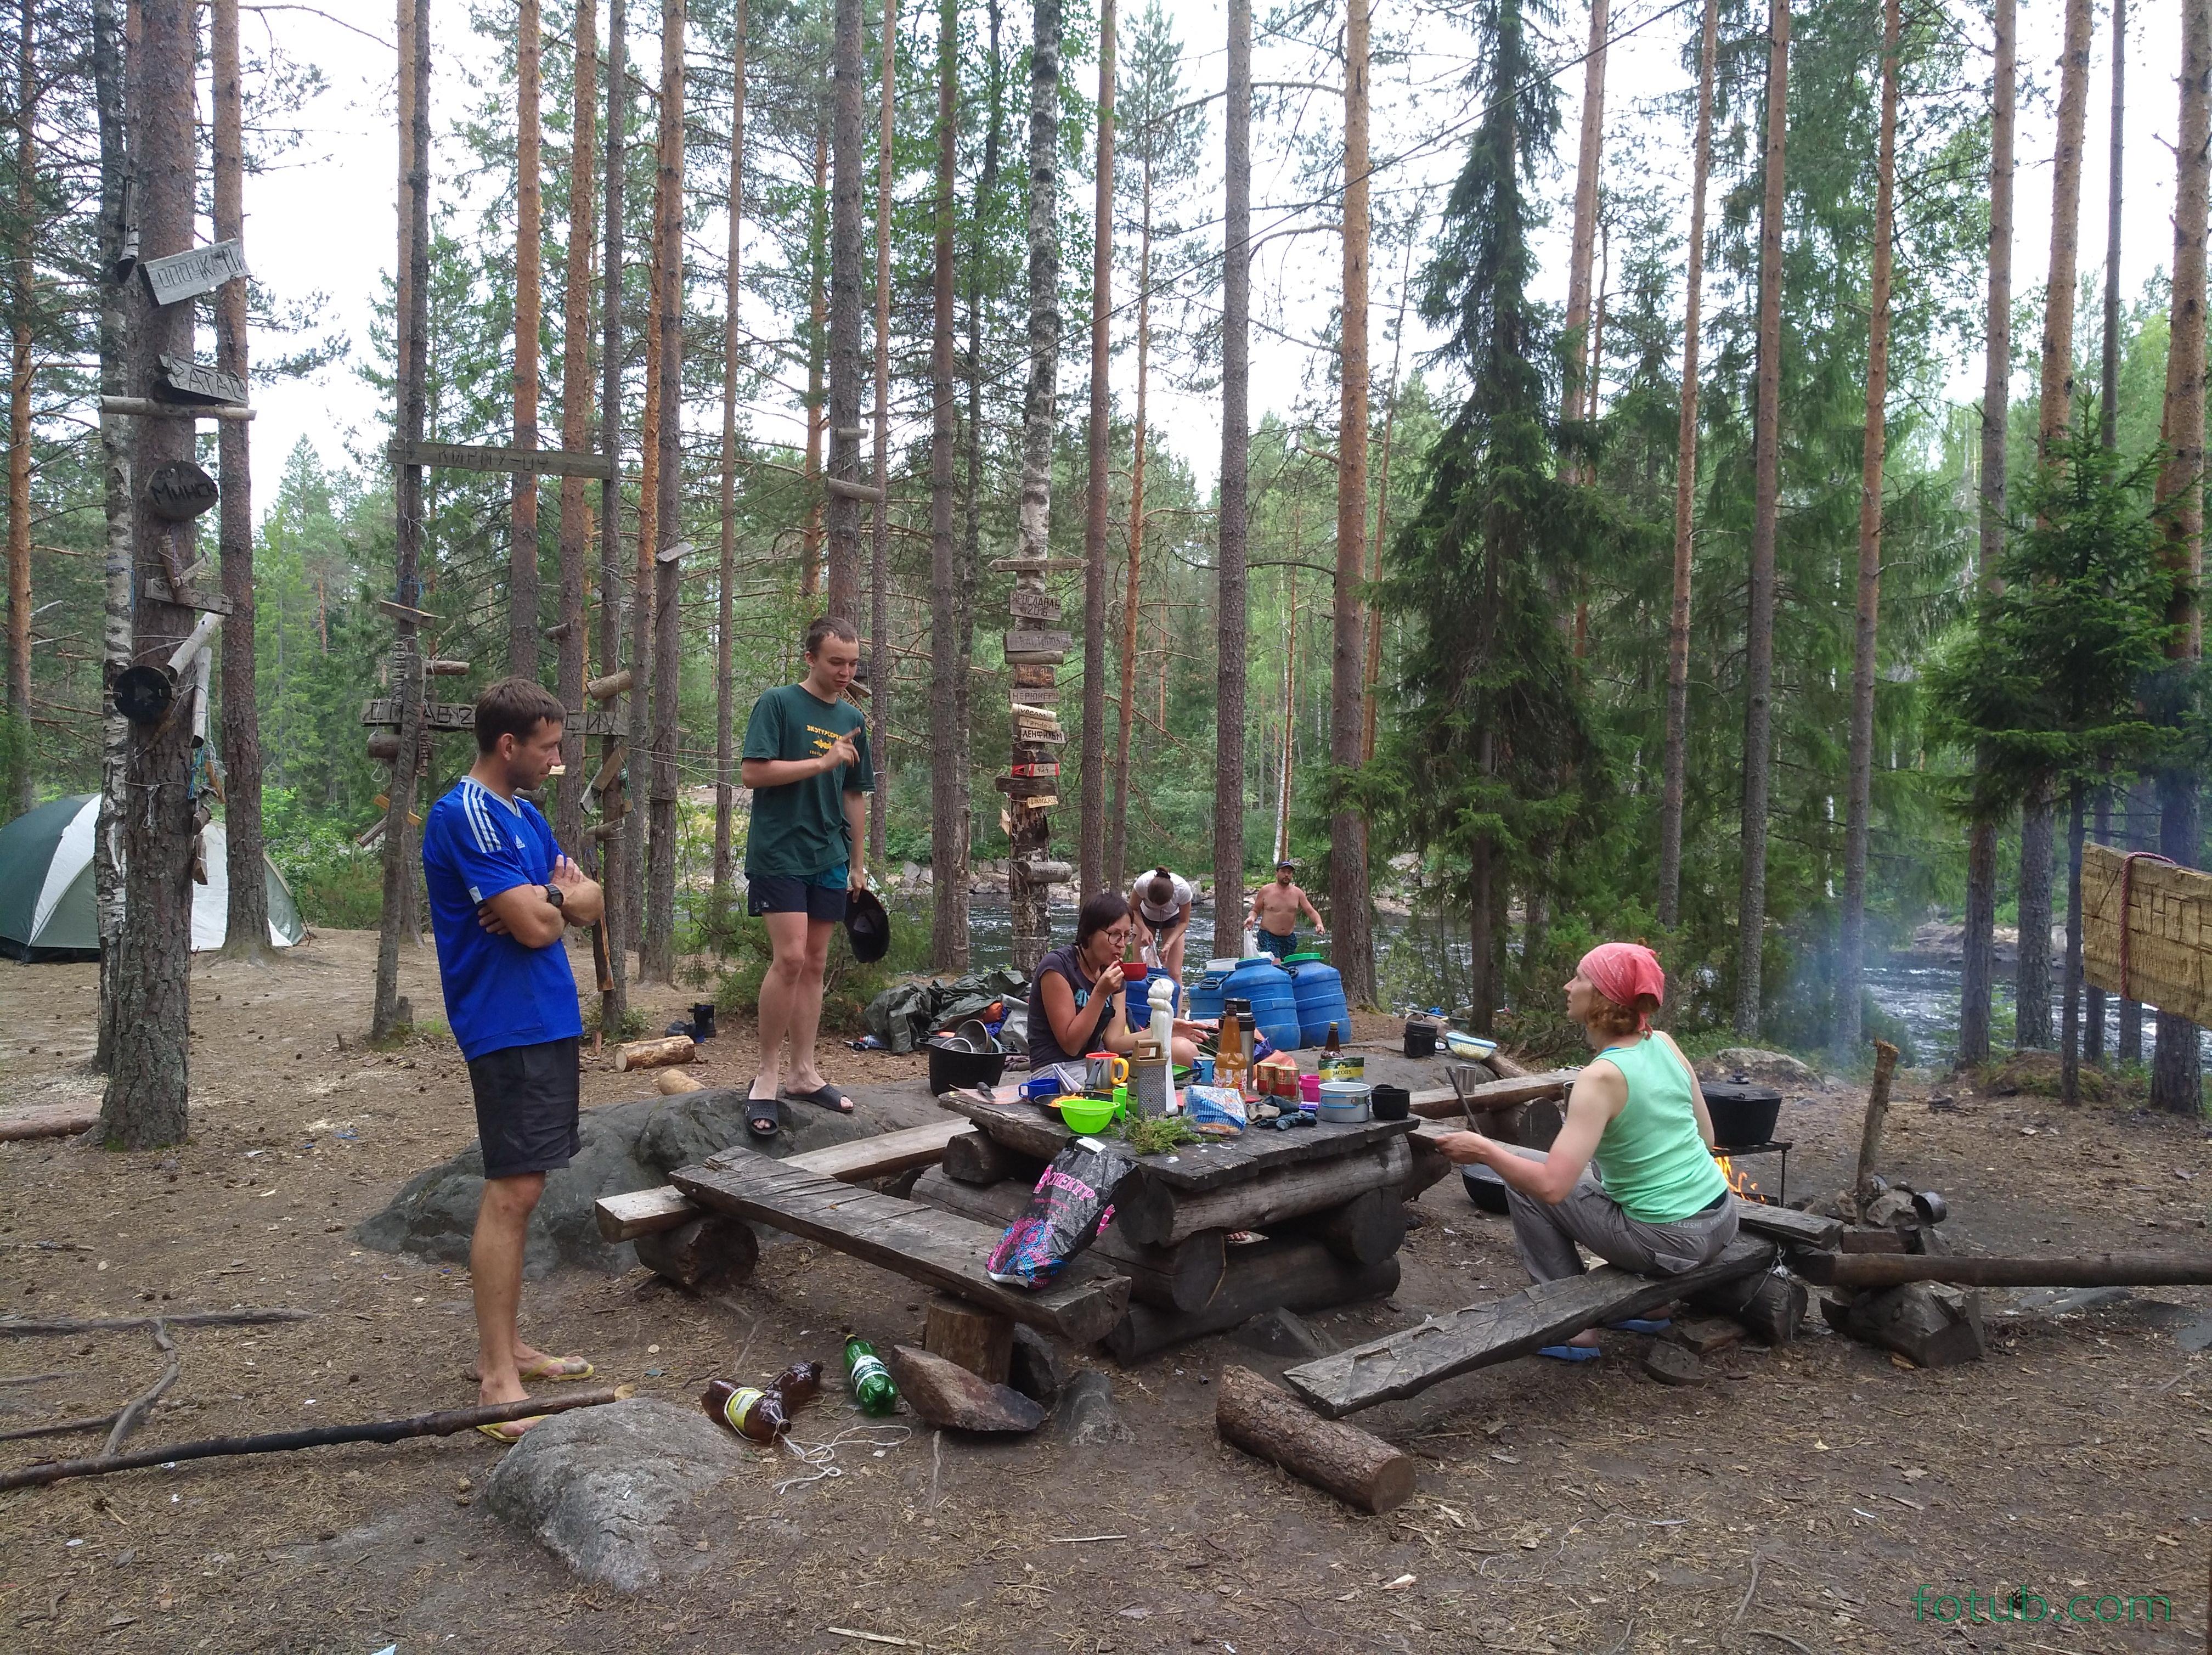 Стоянка на пороге Сизовском, река Шуя. Тут отдыхал коллектив Яндекса